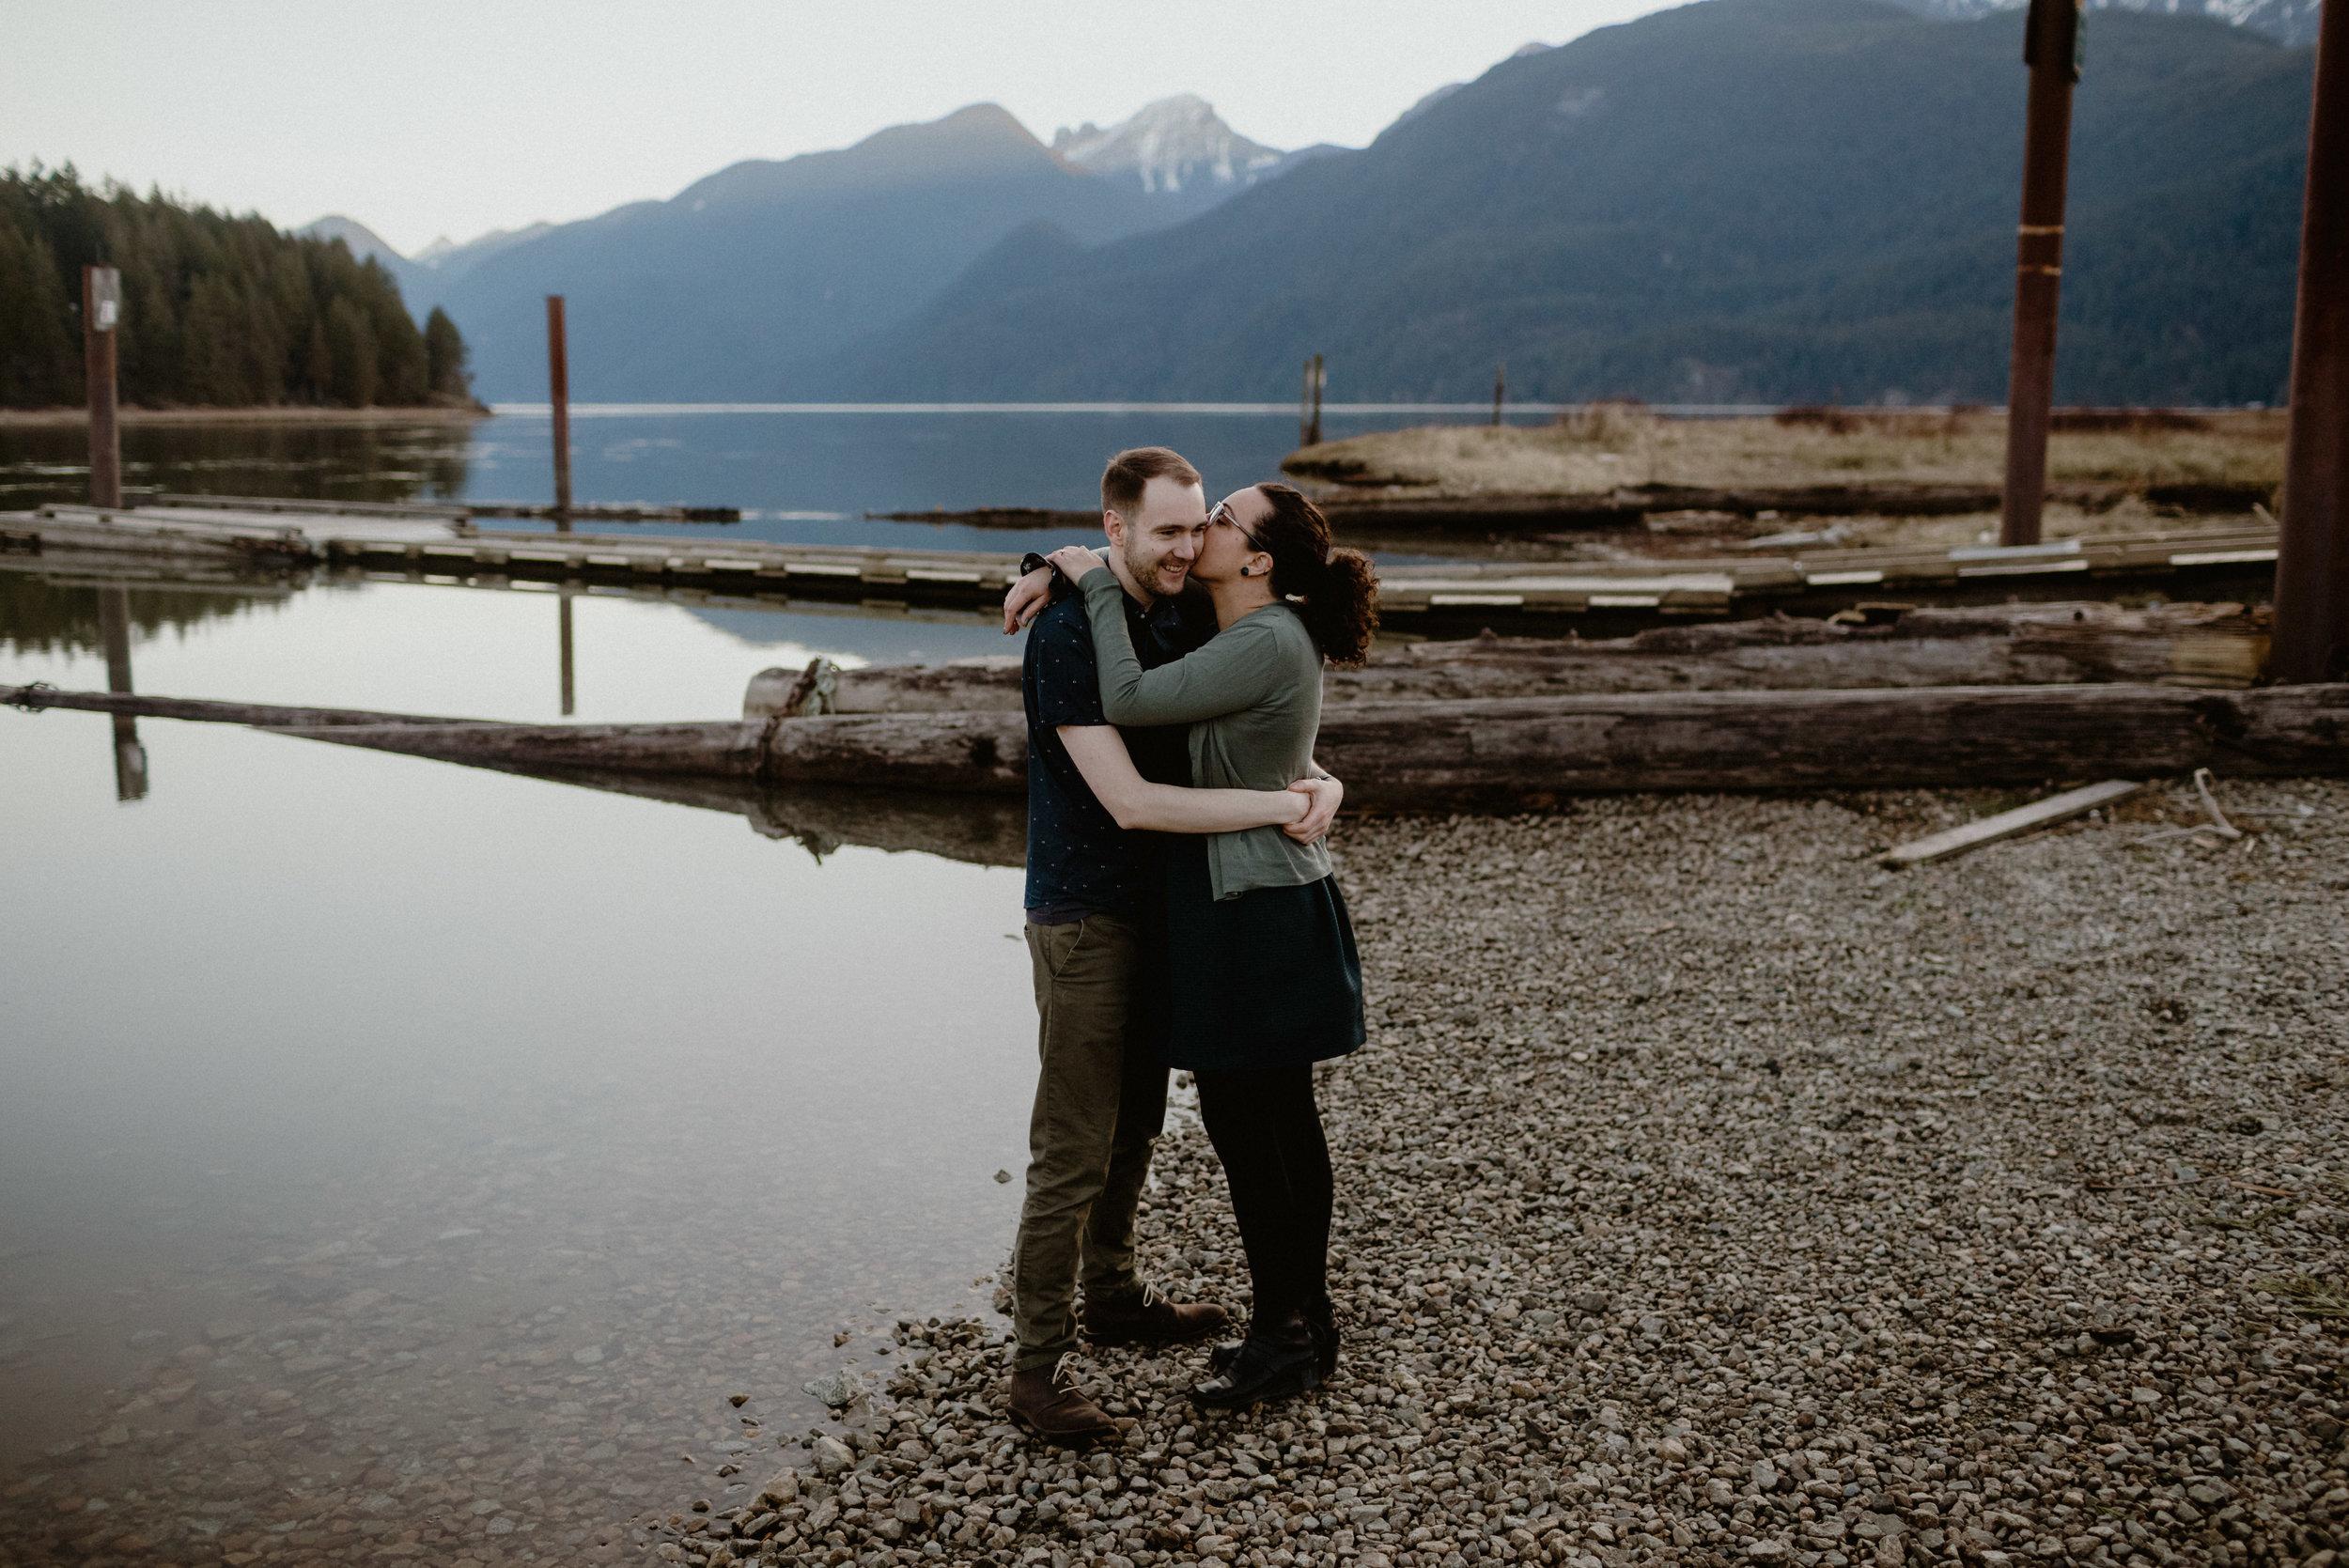 Pitt-Lake-Engagement-Session-52.jpg